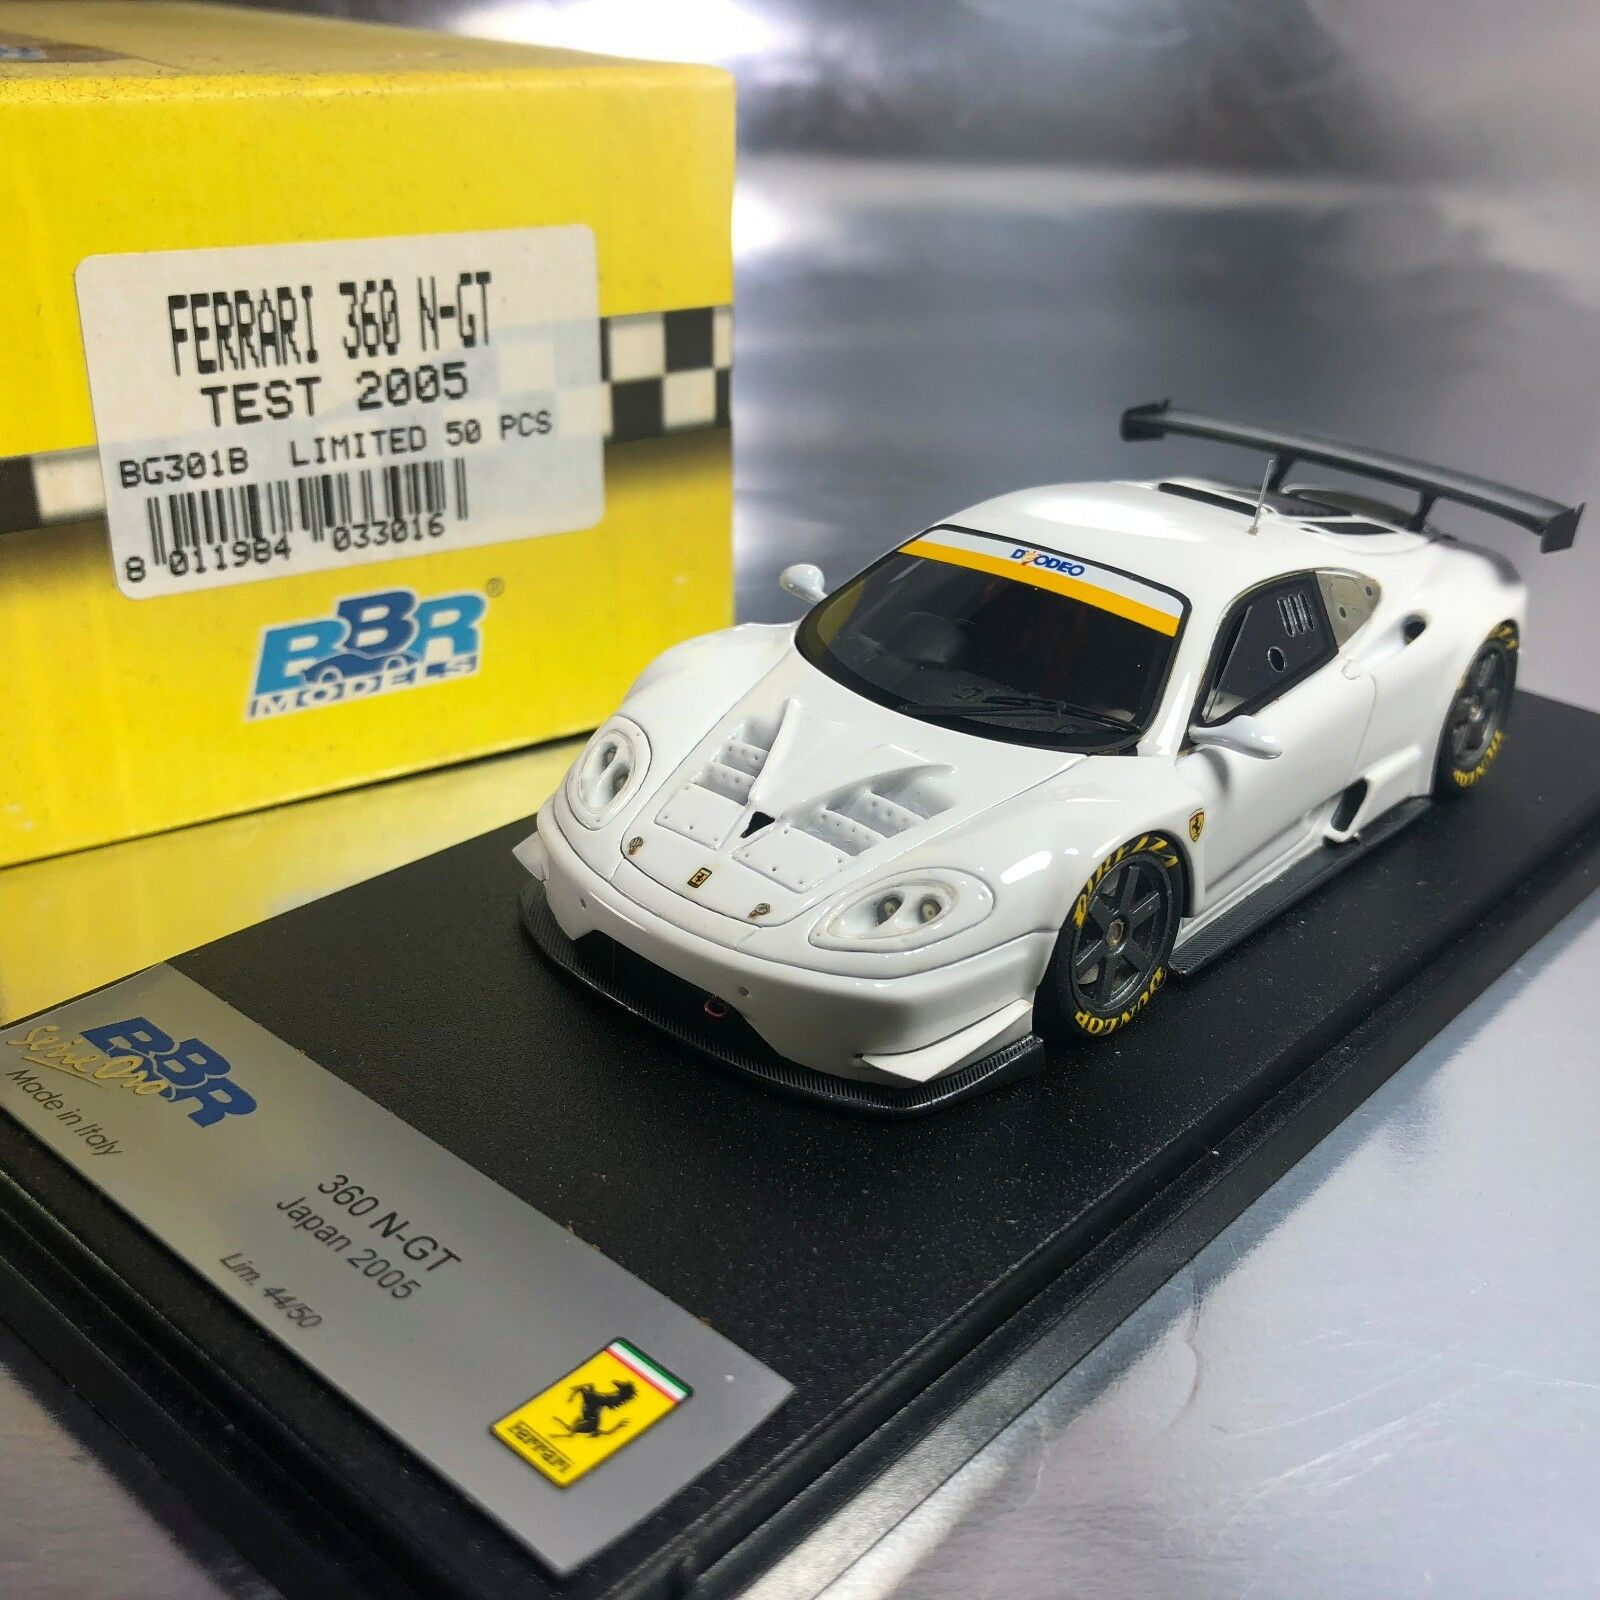 1 43 BBR  BG301B Ferrari 360 N-GT JGTC Test Car 2005 Ltd 50 pcs